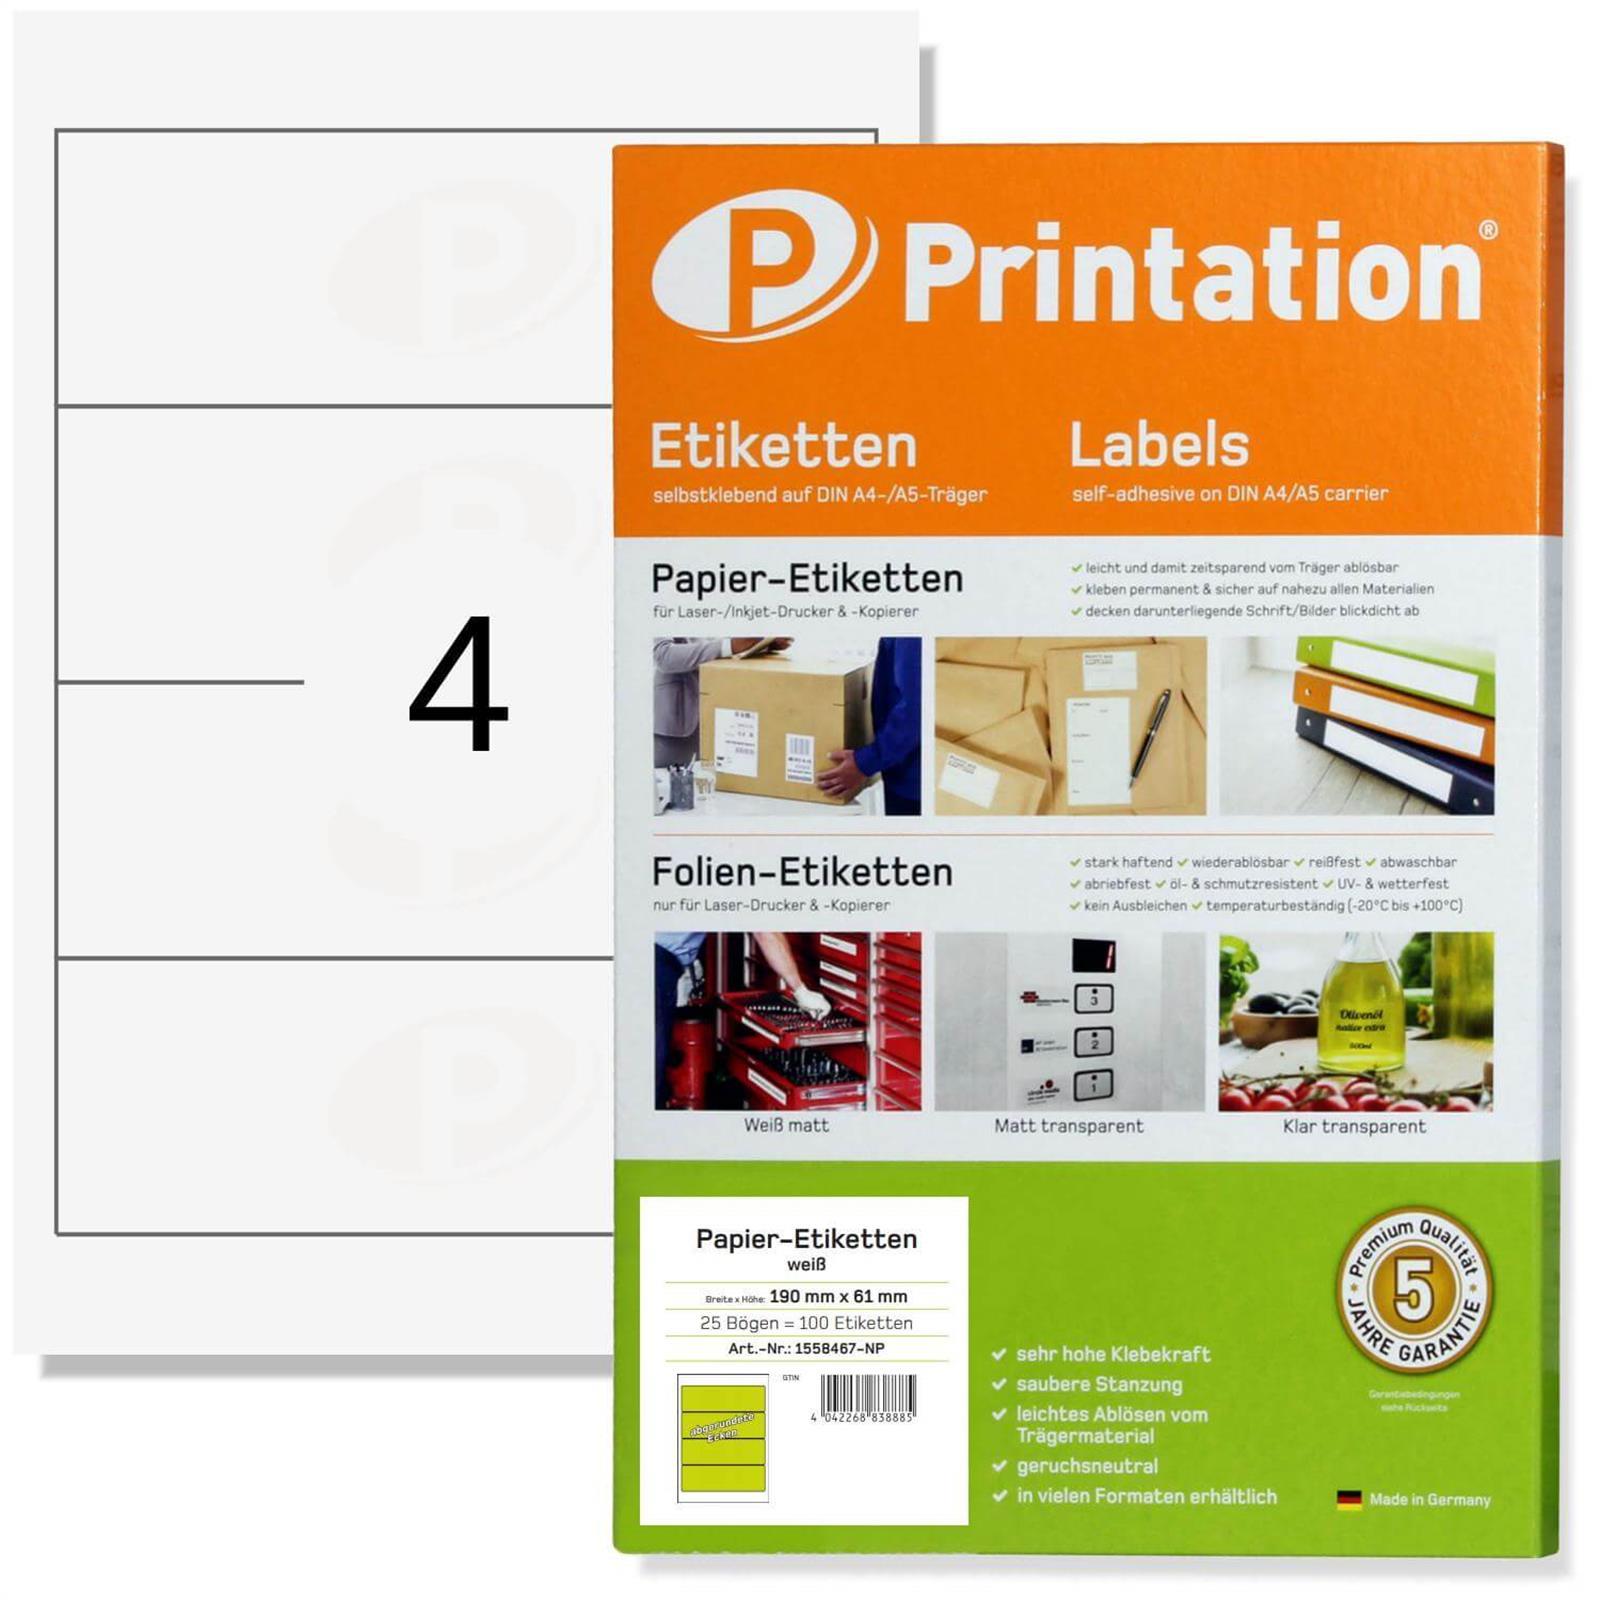 Printation 190 X 61 Mm Ordnerrücken Aufkleber Weiß 190x61